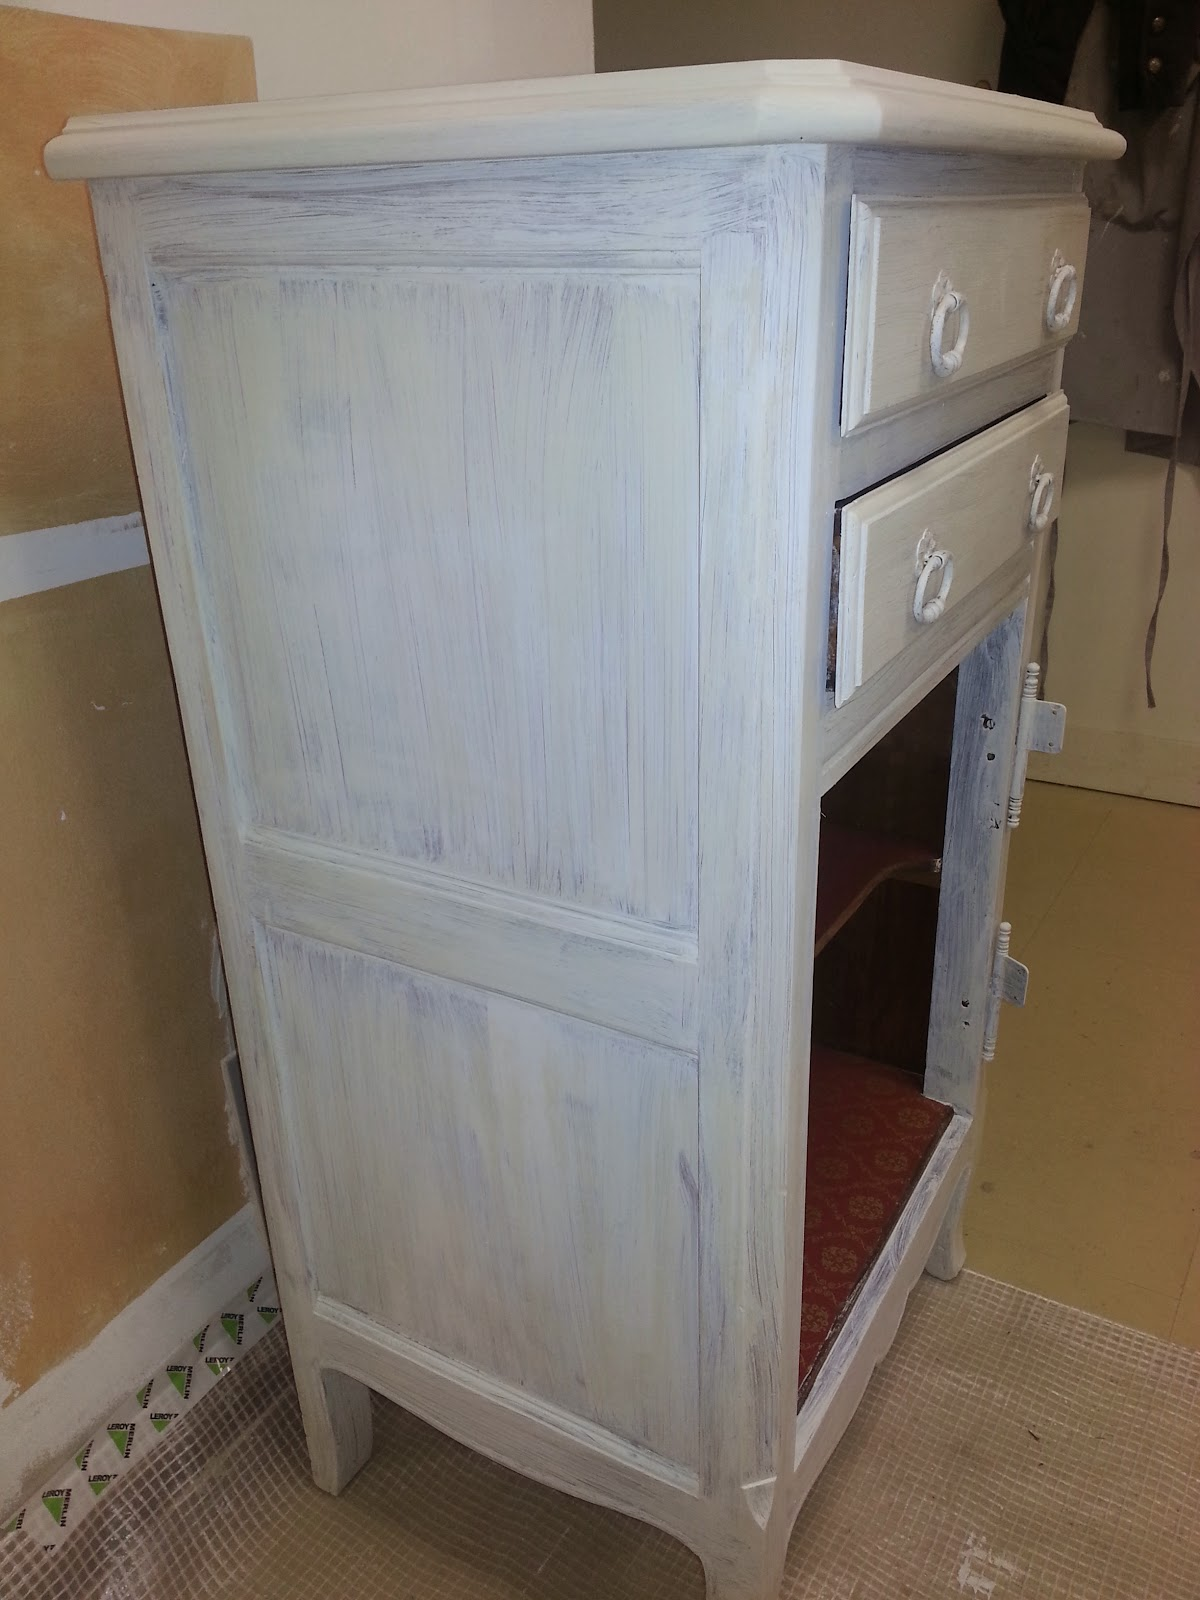 Peinture pour meuble vernis sans poncage leroy merlin for Peinture resine pour meuble vernis